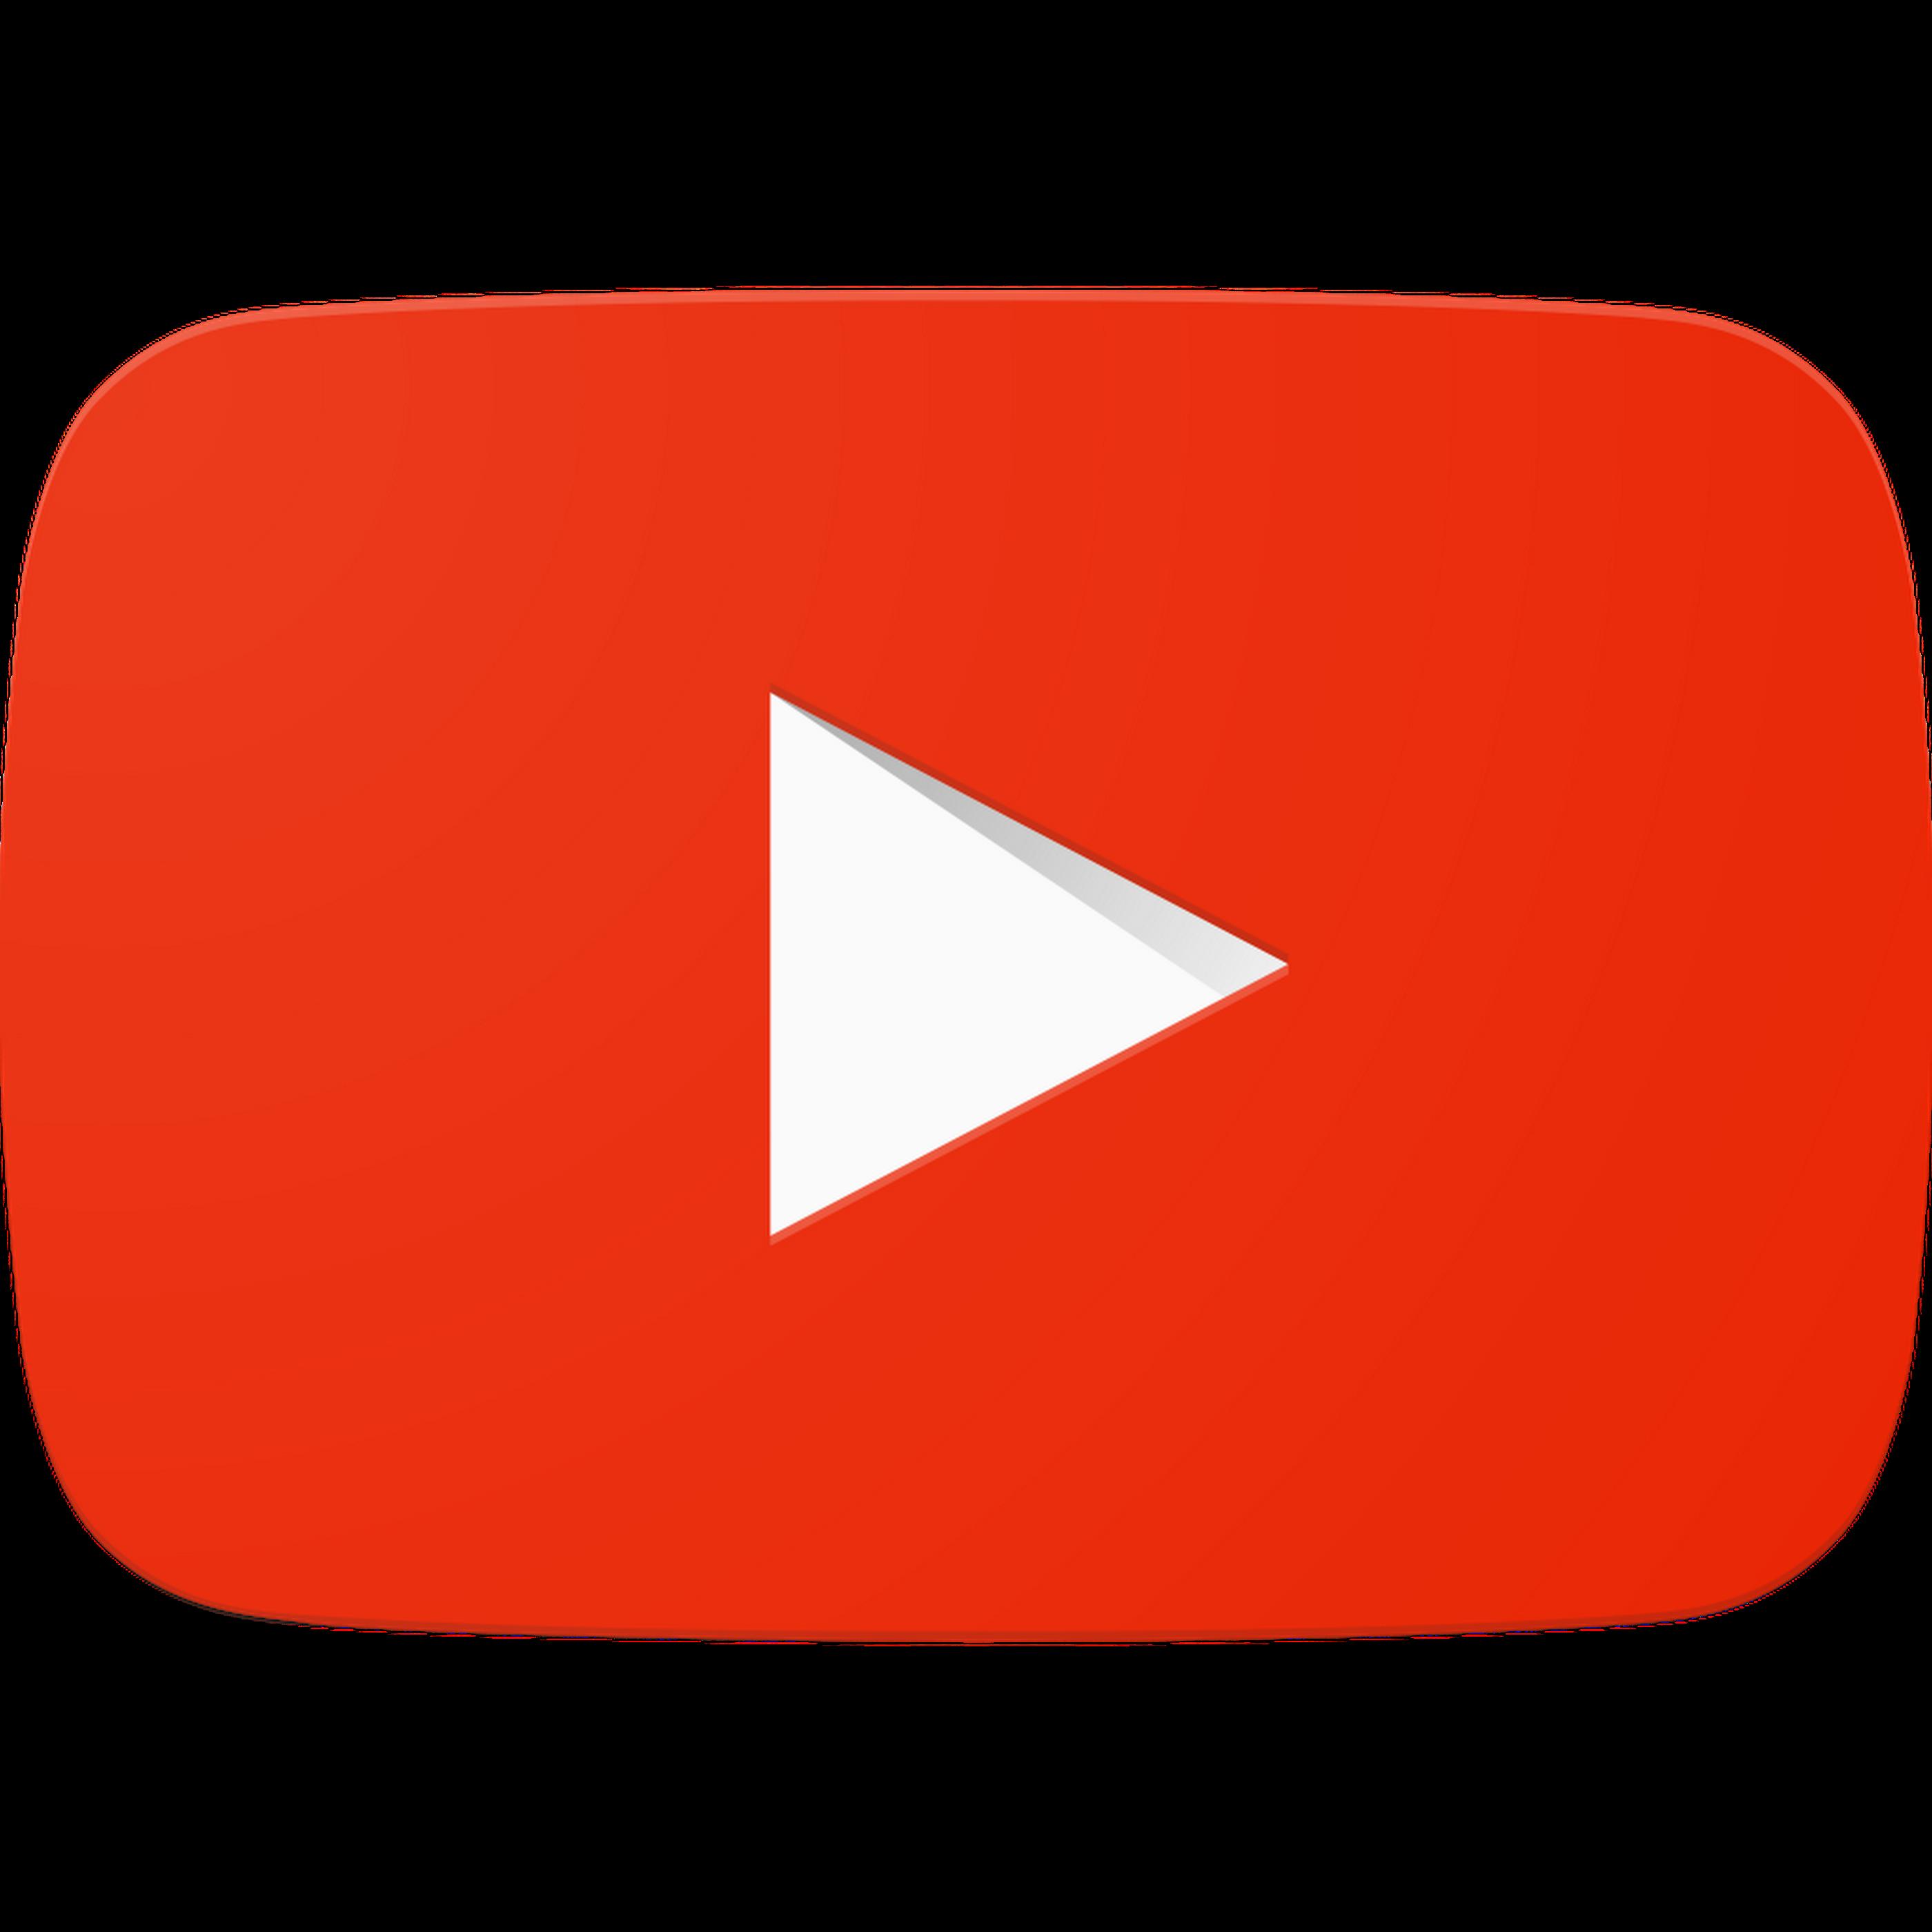 youtube 80 prozent wachstum bei videos mit sport